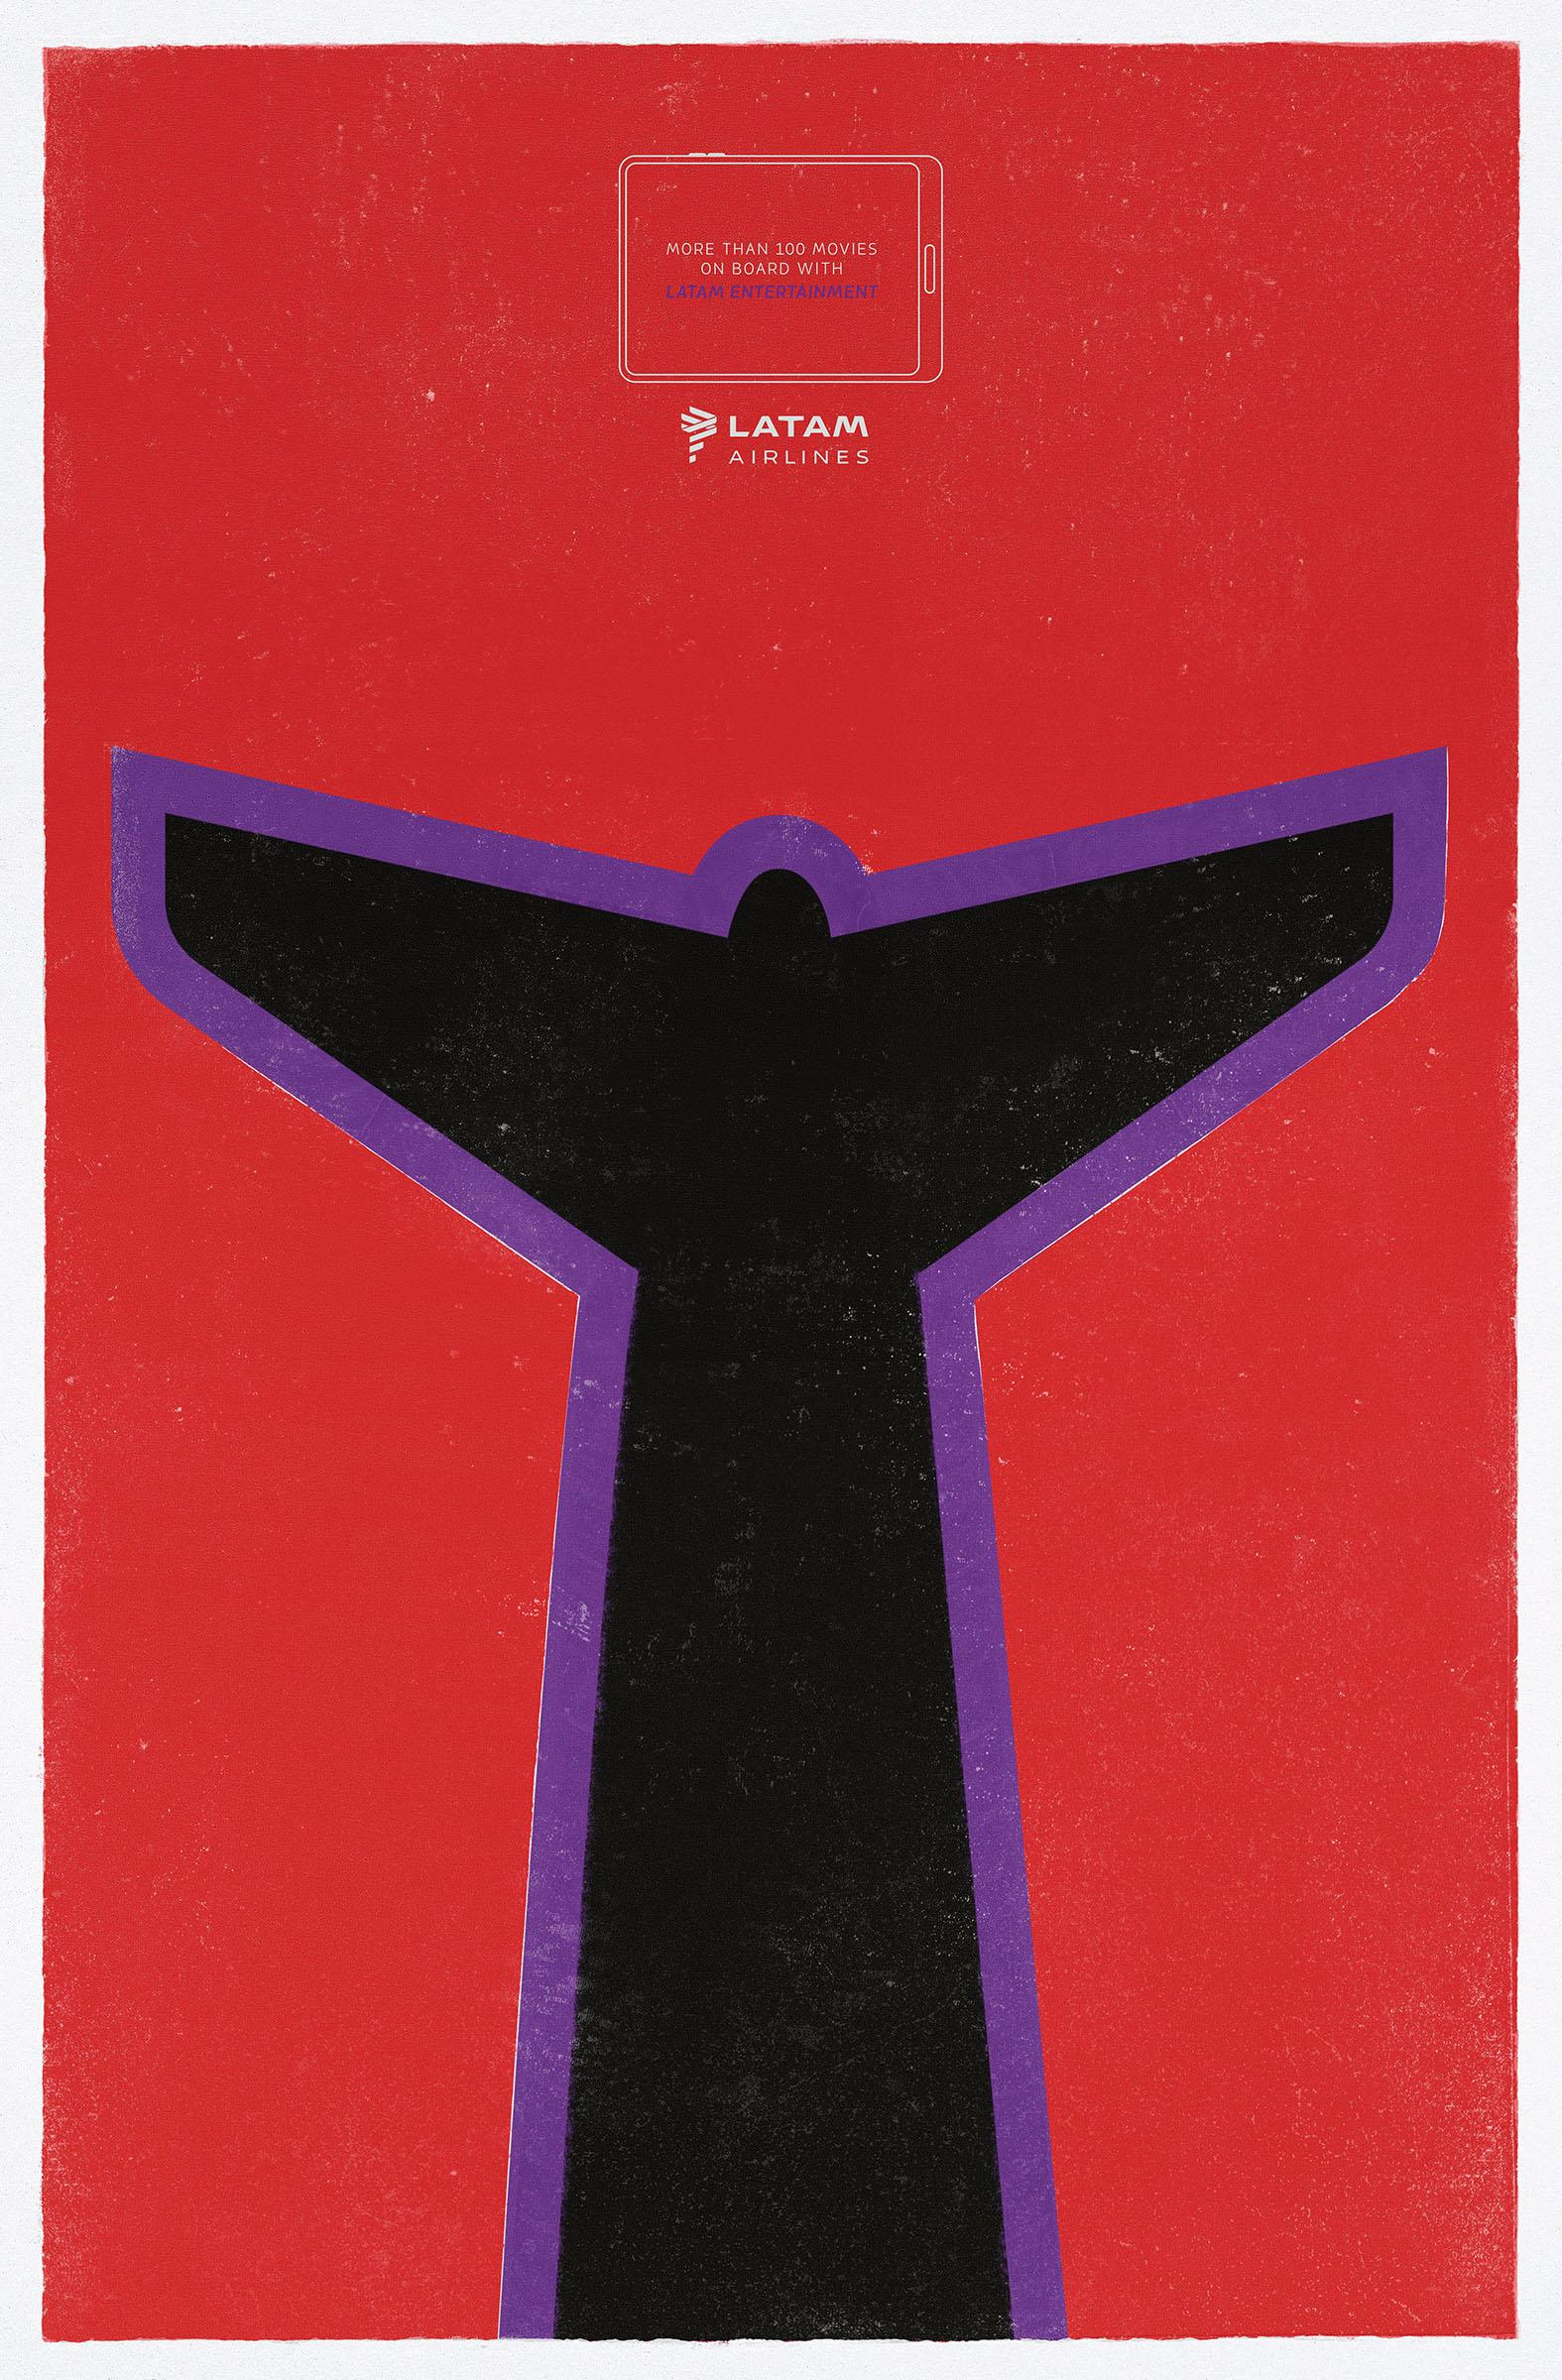 publicidad cartel de cine latam creatividad